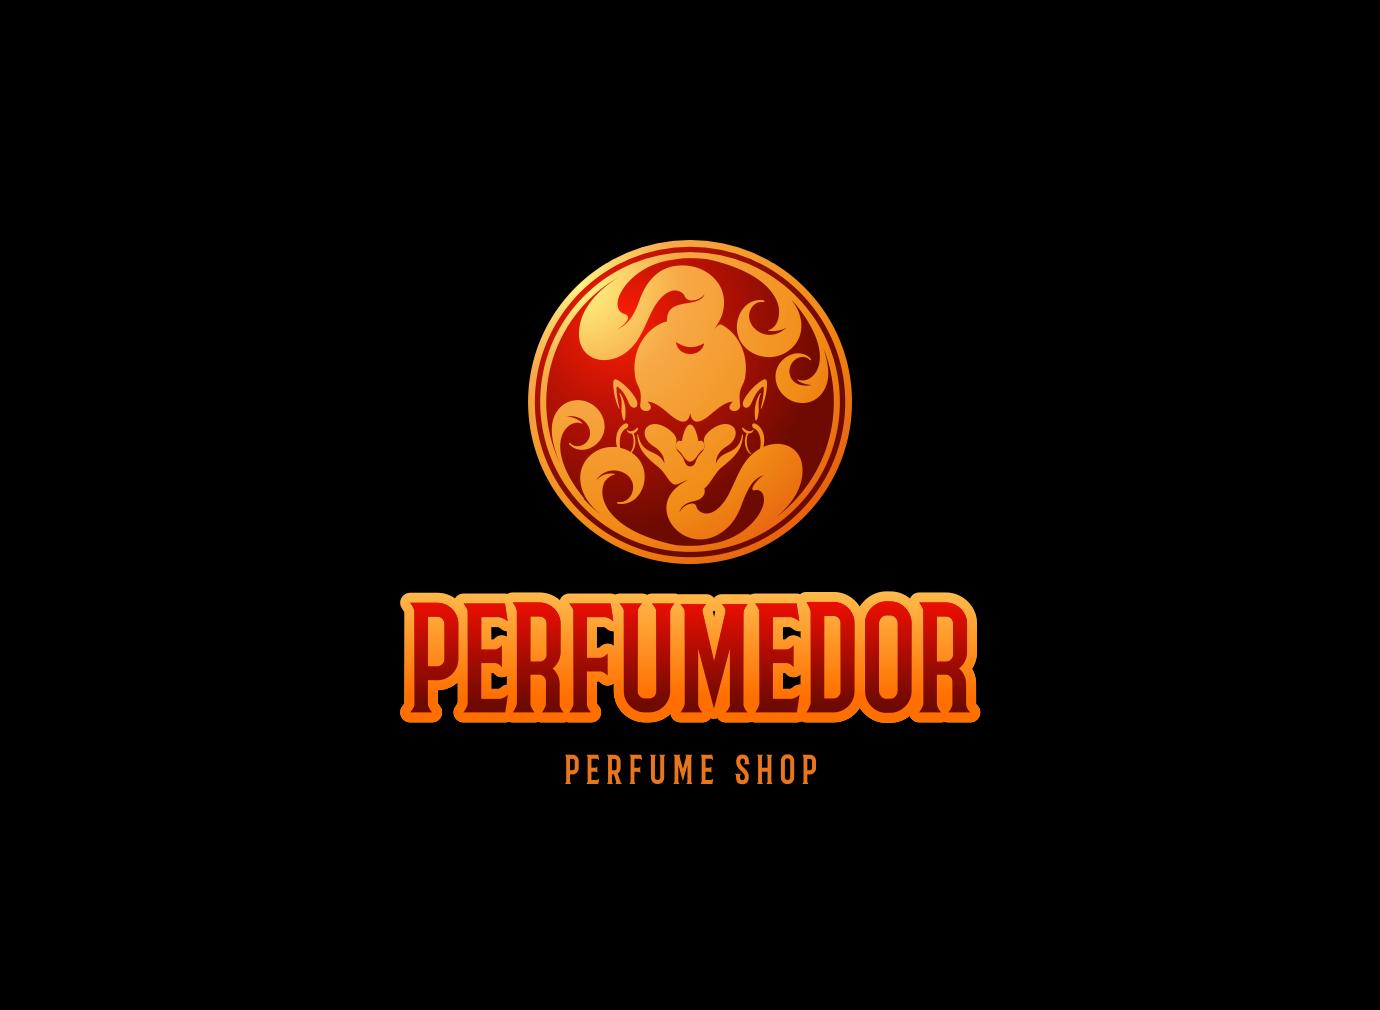 Логотип для интернет-магазина парфюмерии фото f_3415b46419b1f9ab.png